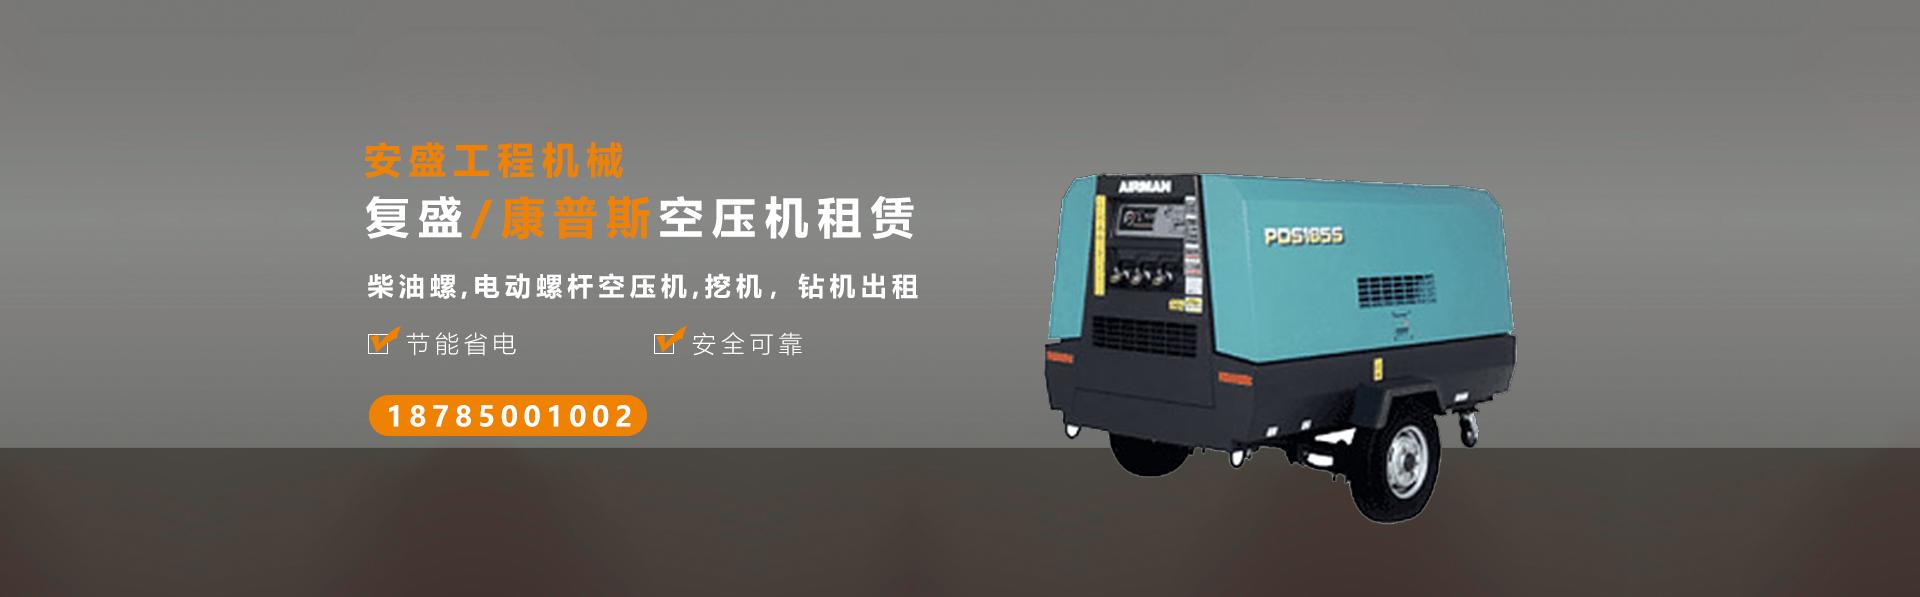 空压机租赁公司,无油空压机租赁, 空压机租赁,无油空压机出售